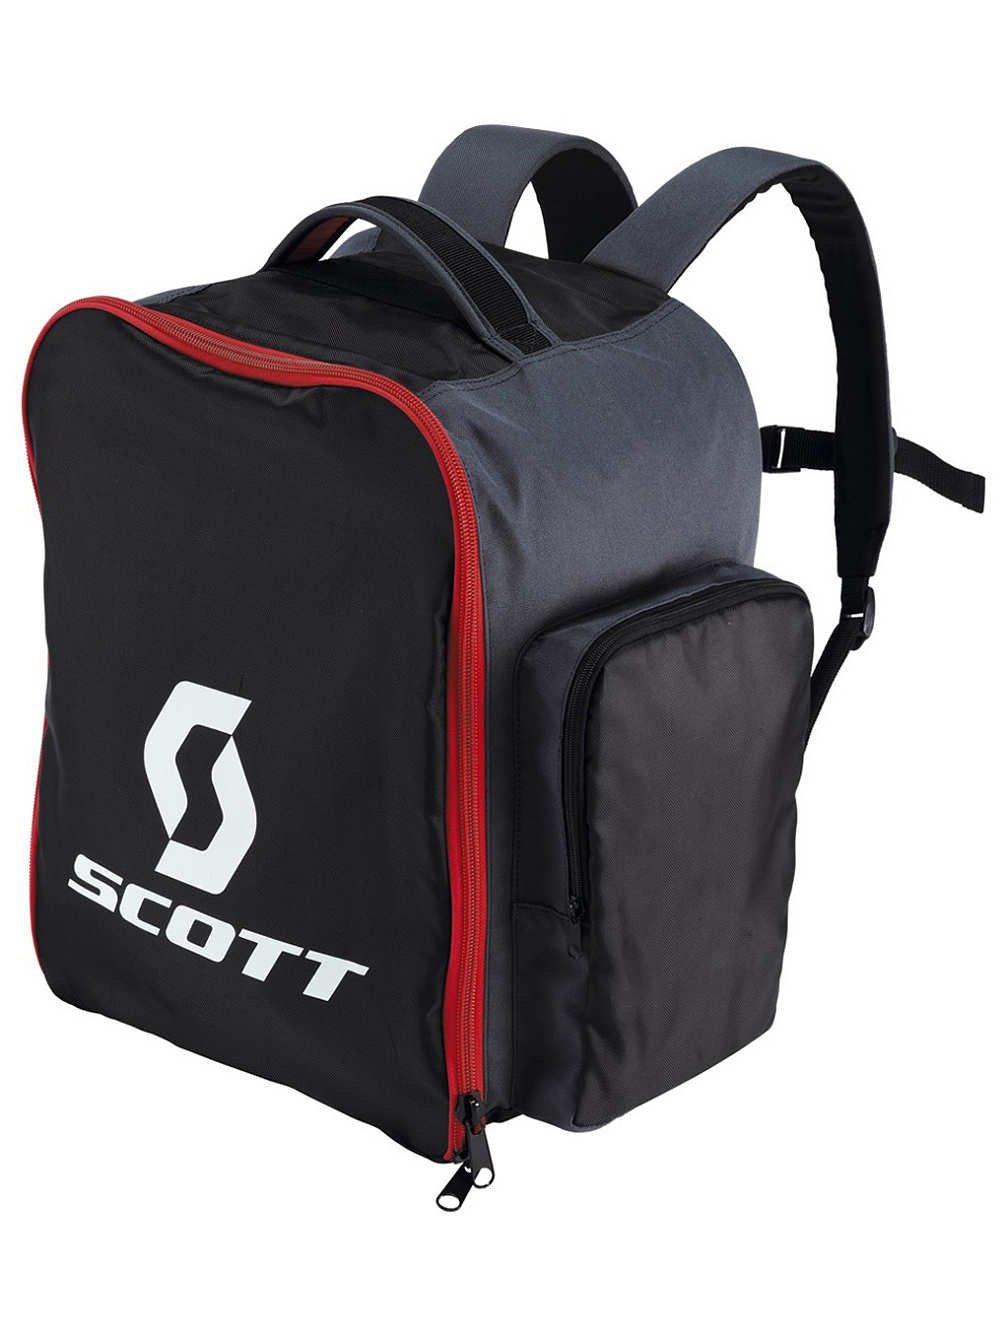 Scott - Bolsa para Botas de esquí Bag - Botas de esquí ...